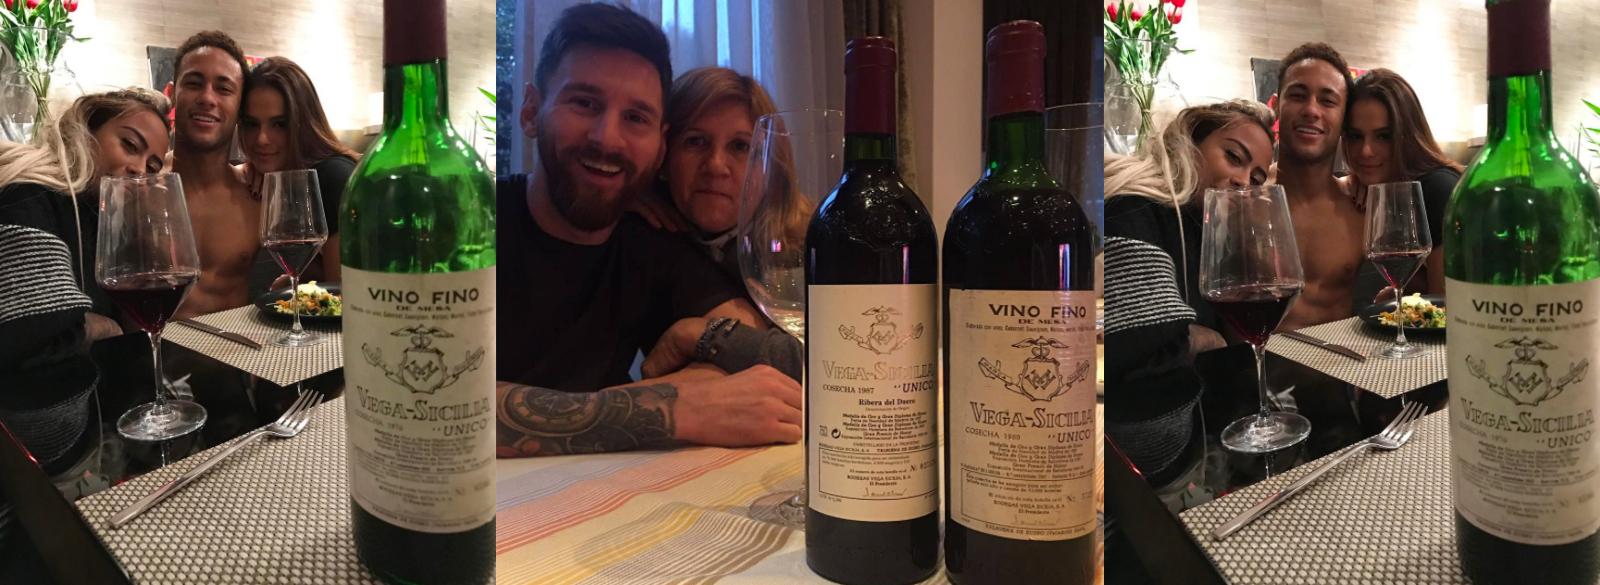 Los secretos del vino que beben Messi y Neymar